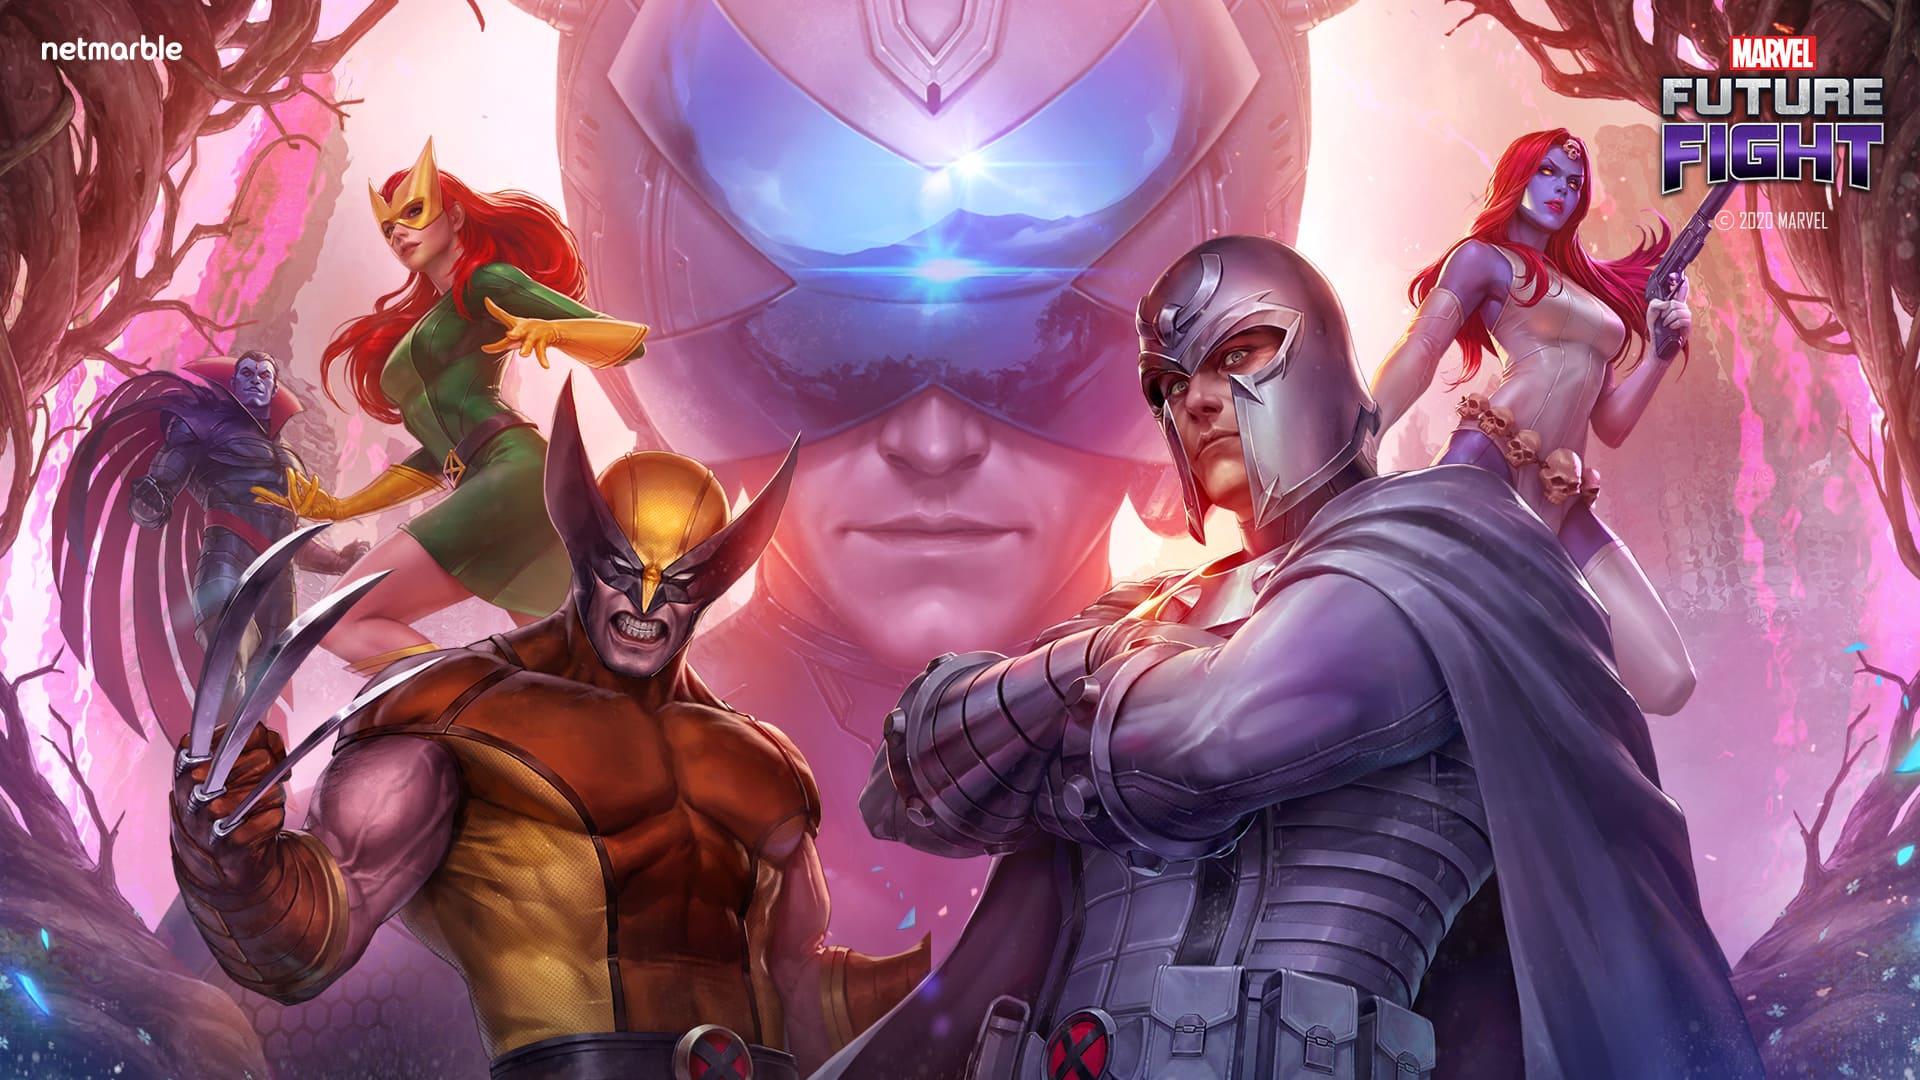 漫威熱門漫畫「X皇室」和「X之力」加入《MARVEL未來之戰》